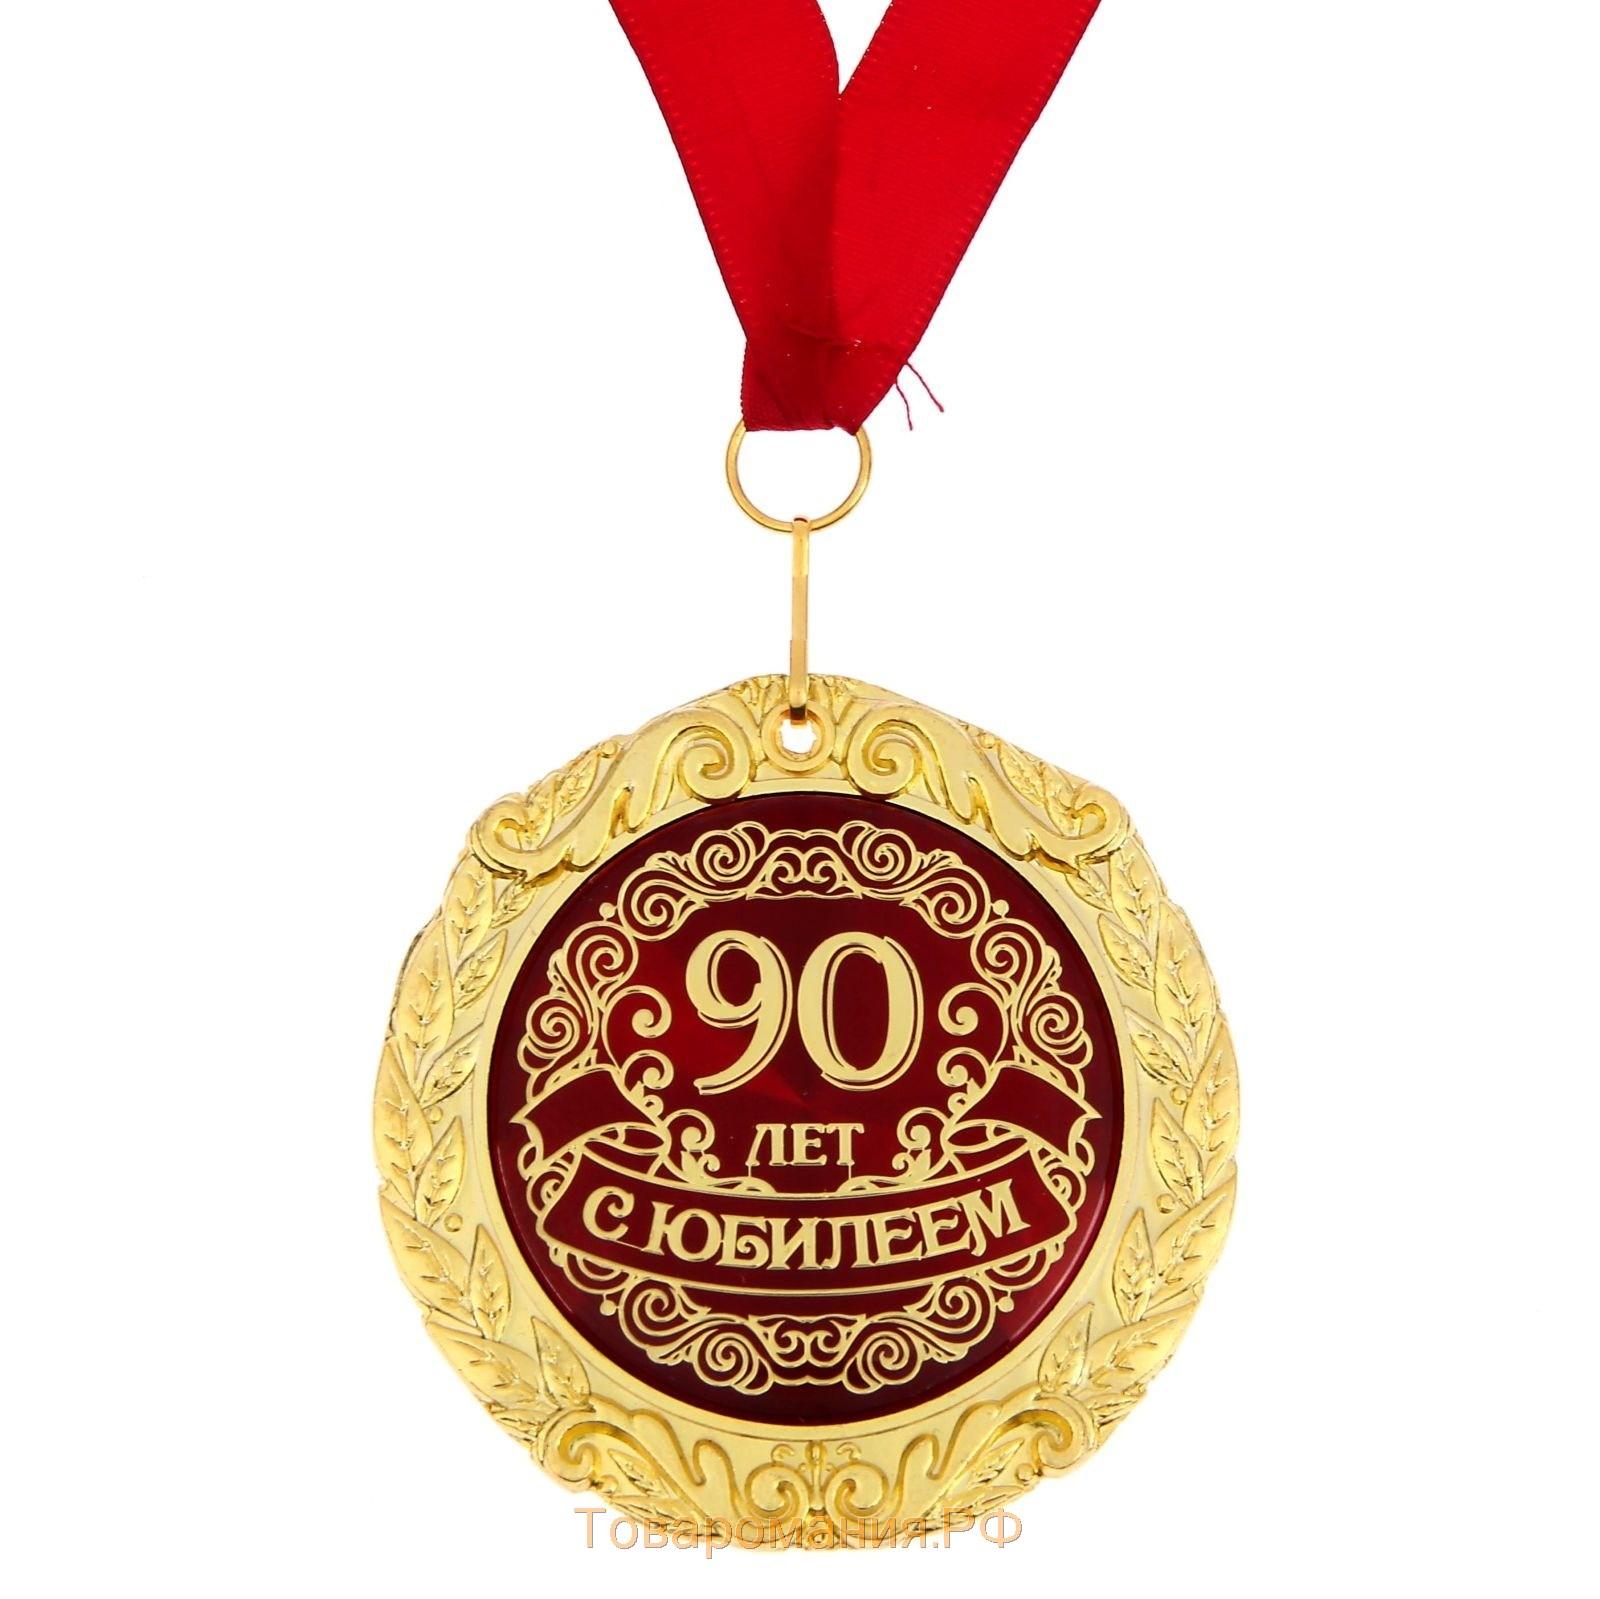 Поздравления на юбилей 90 лет женщине от родных, близких и друзей в стихах 99